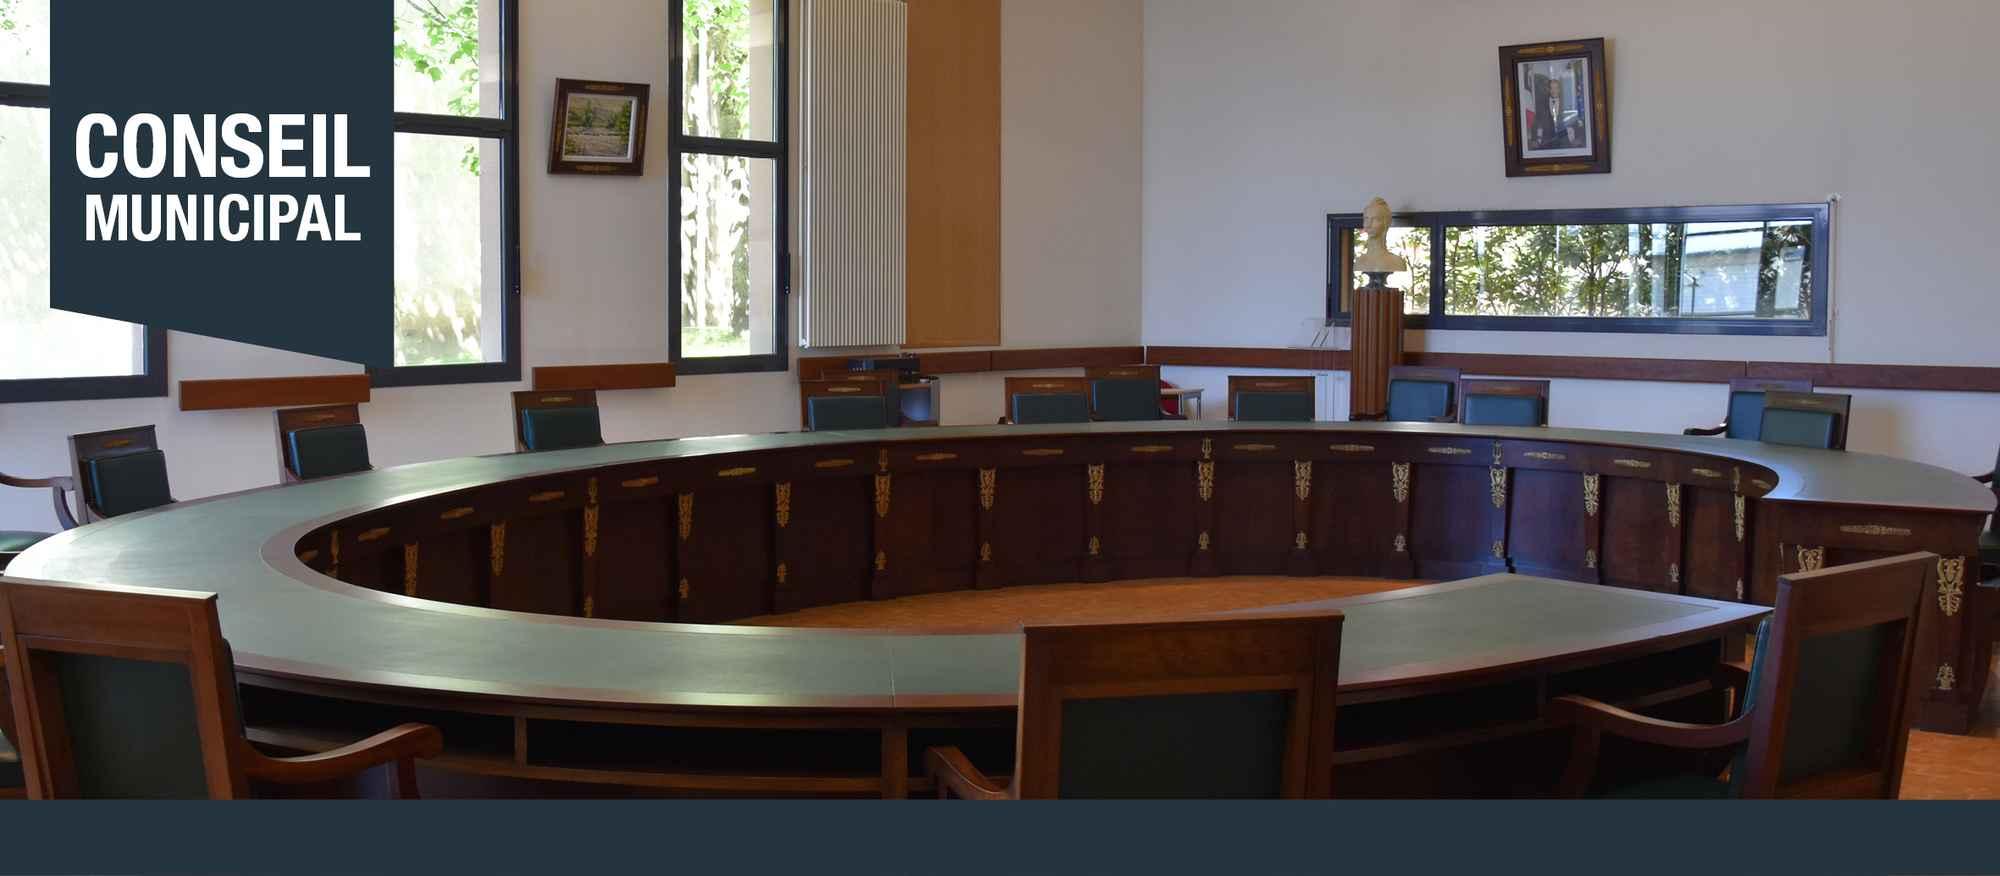 bandeaux conseil municipal neutre